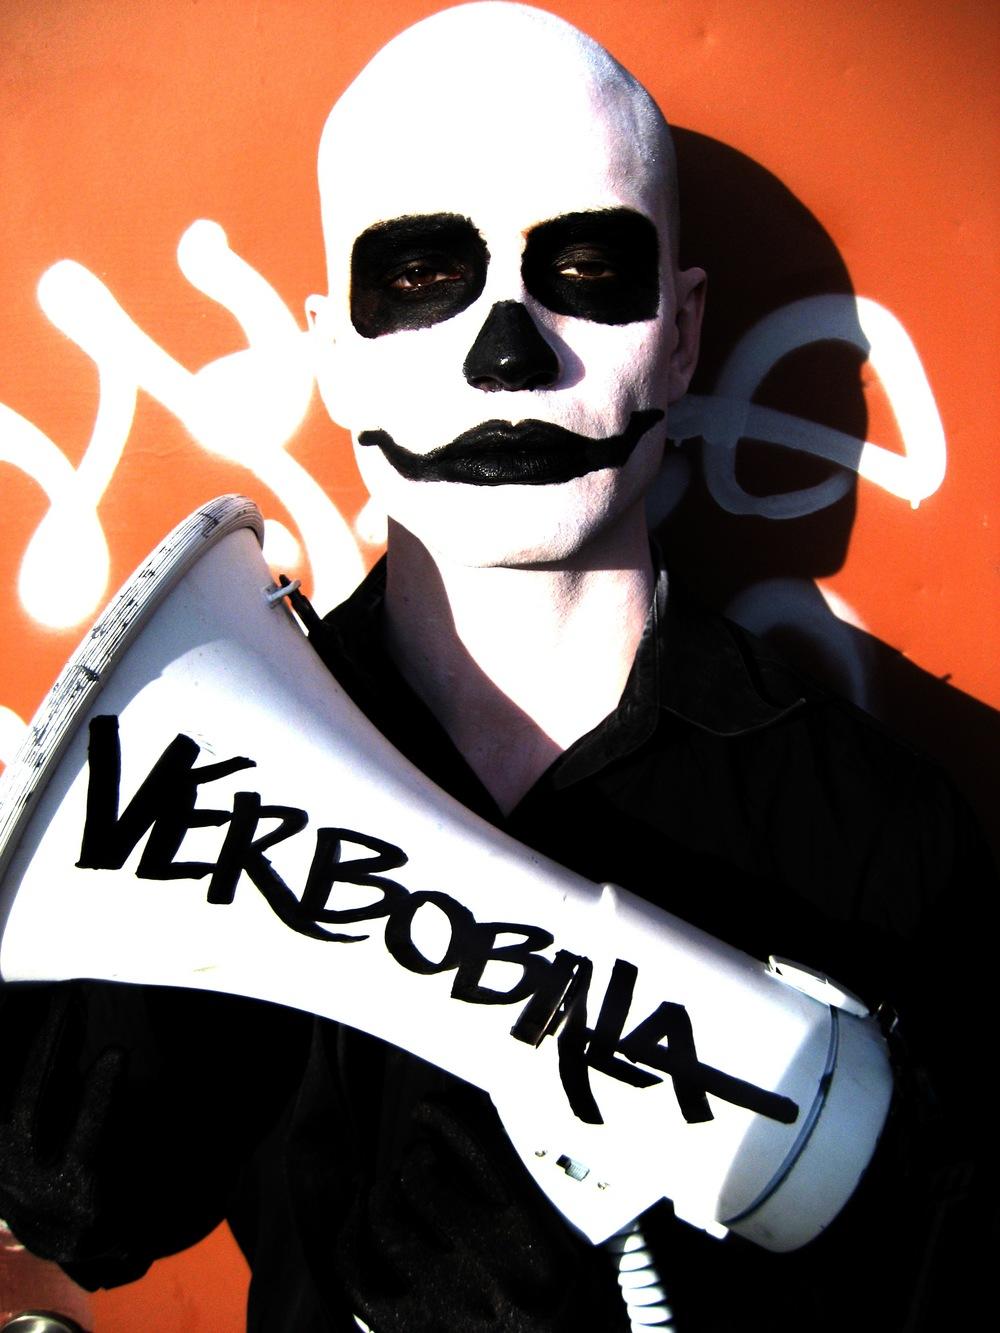 2009_verbobala-muertos.jpg